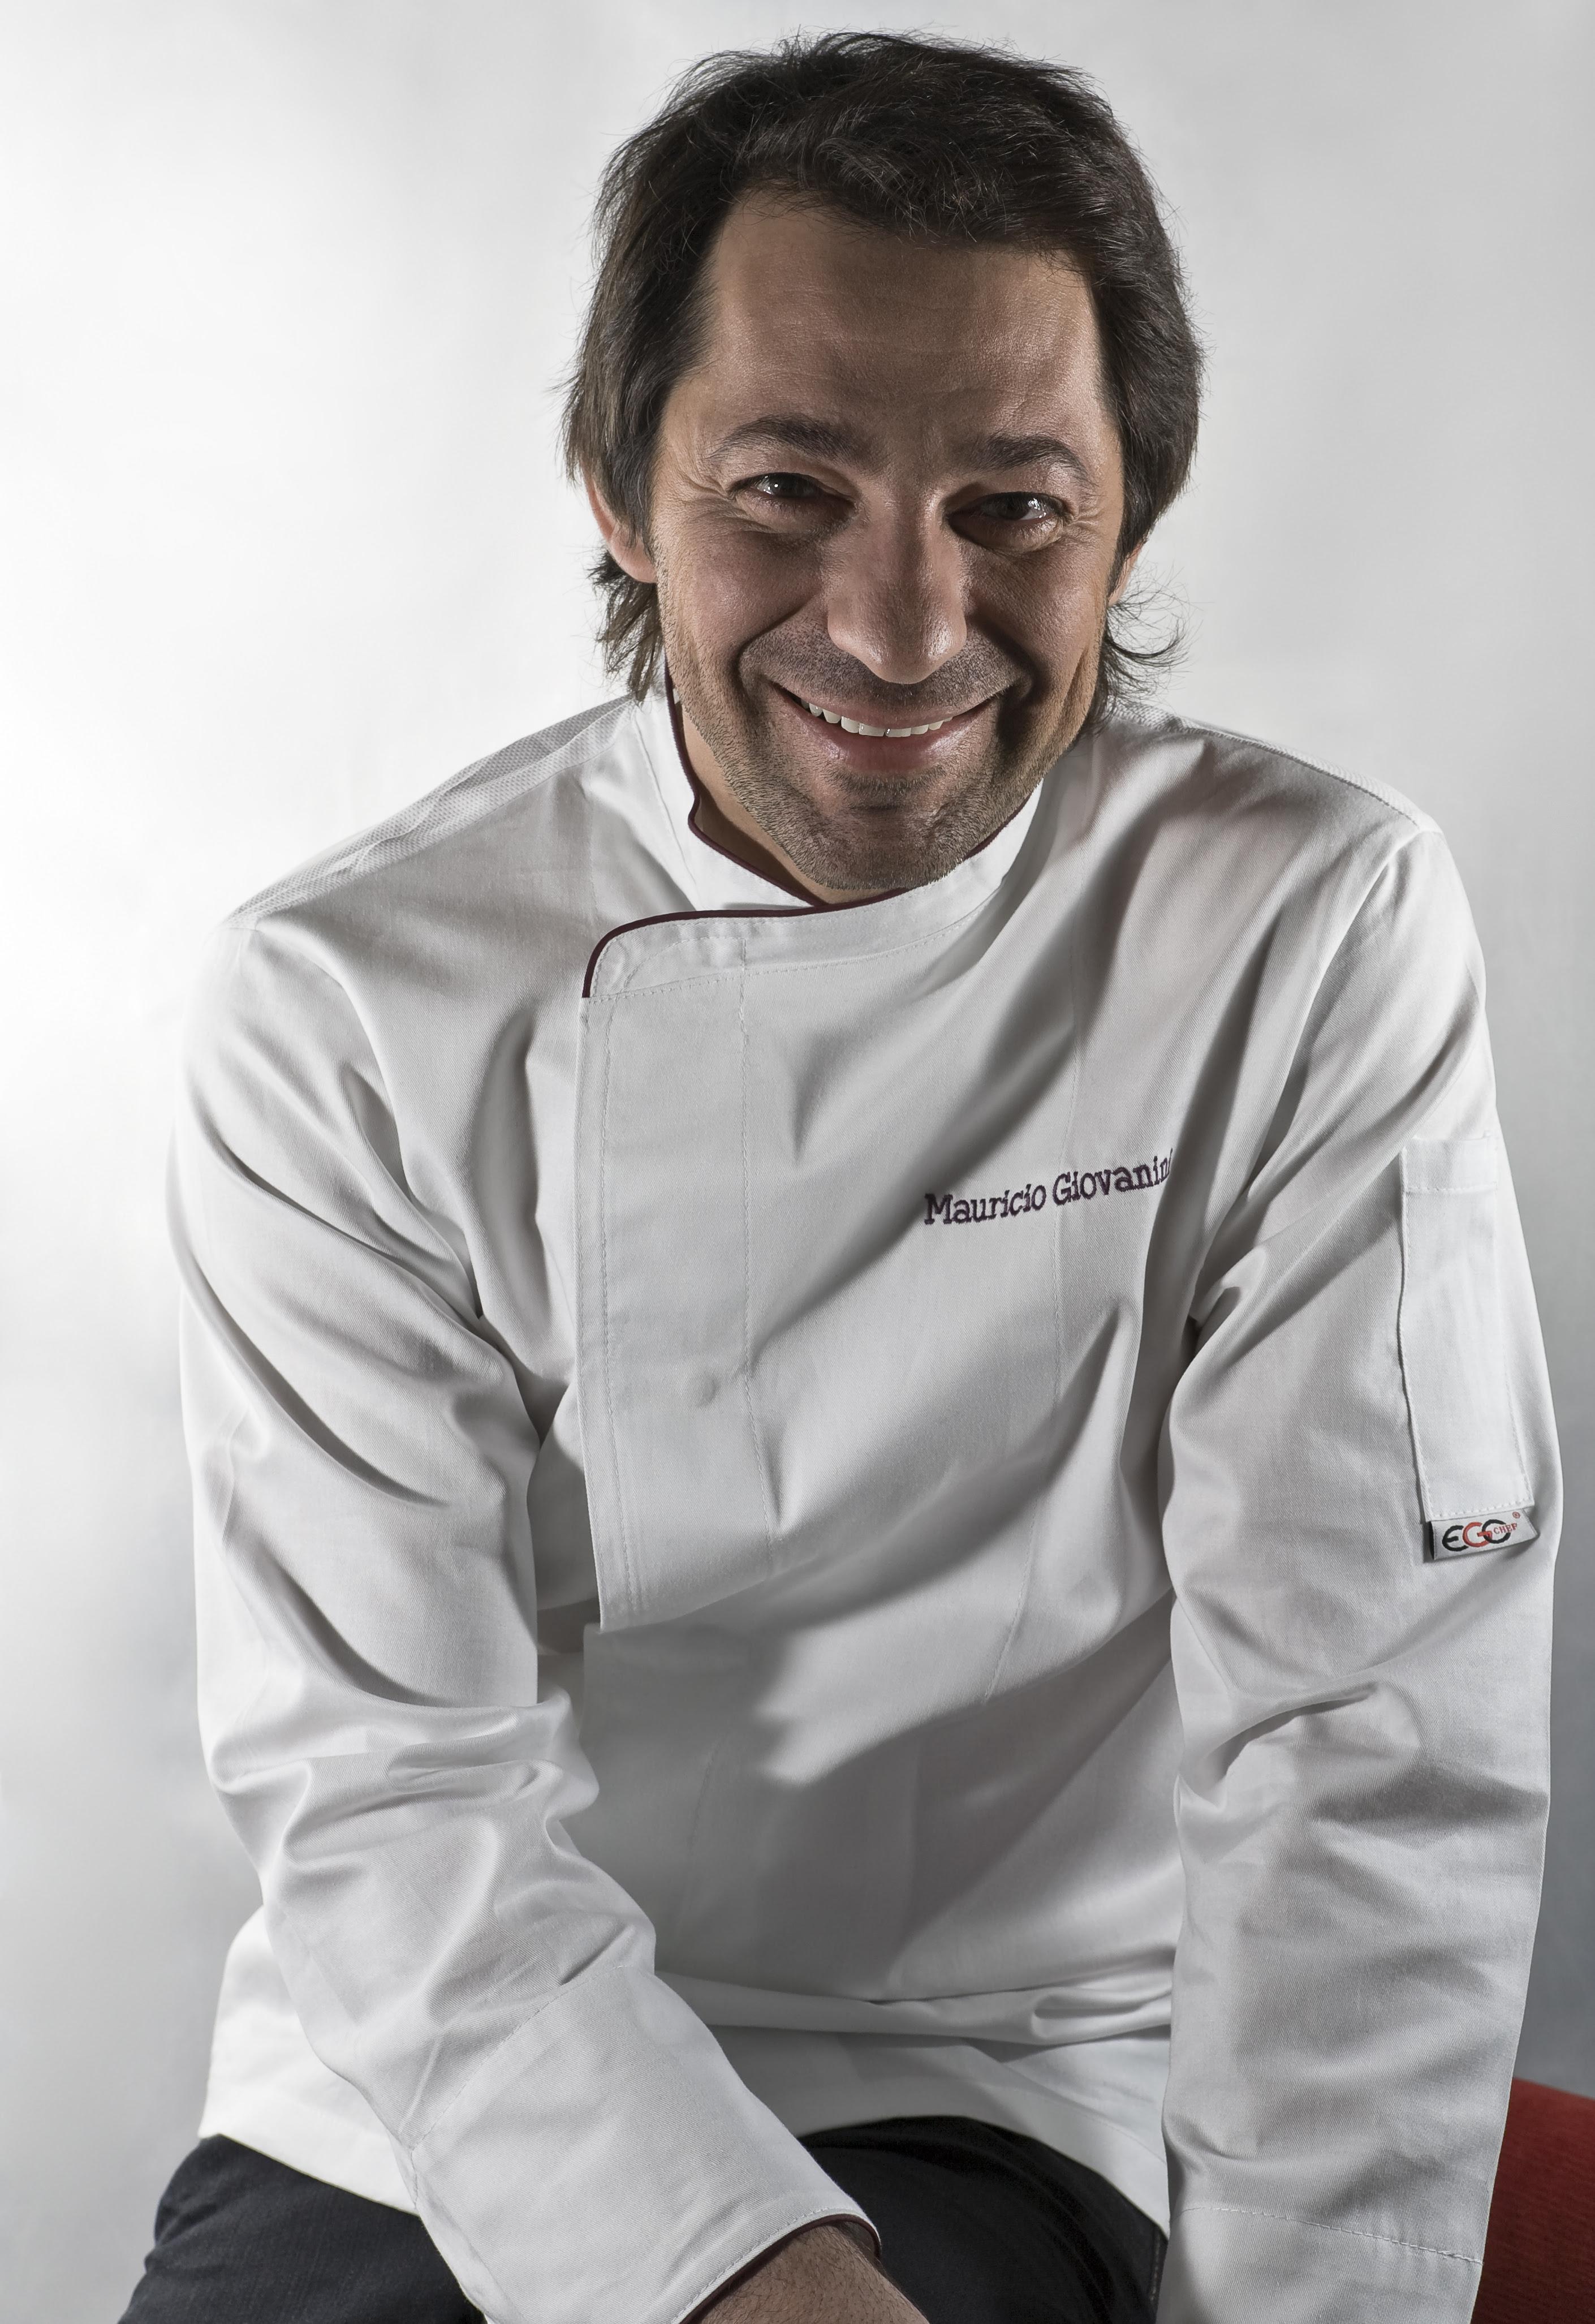 El cocinero argentino Mauricio Giovanini consiguió una Estrella Michelin